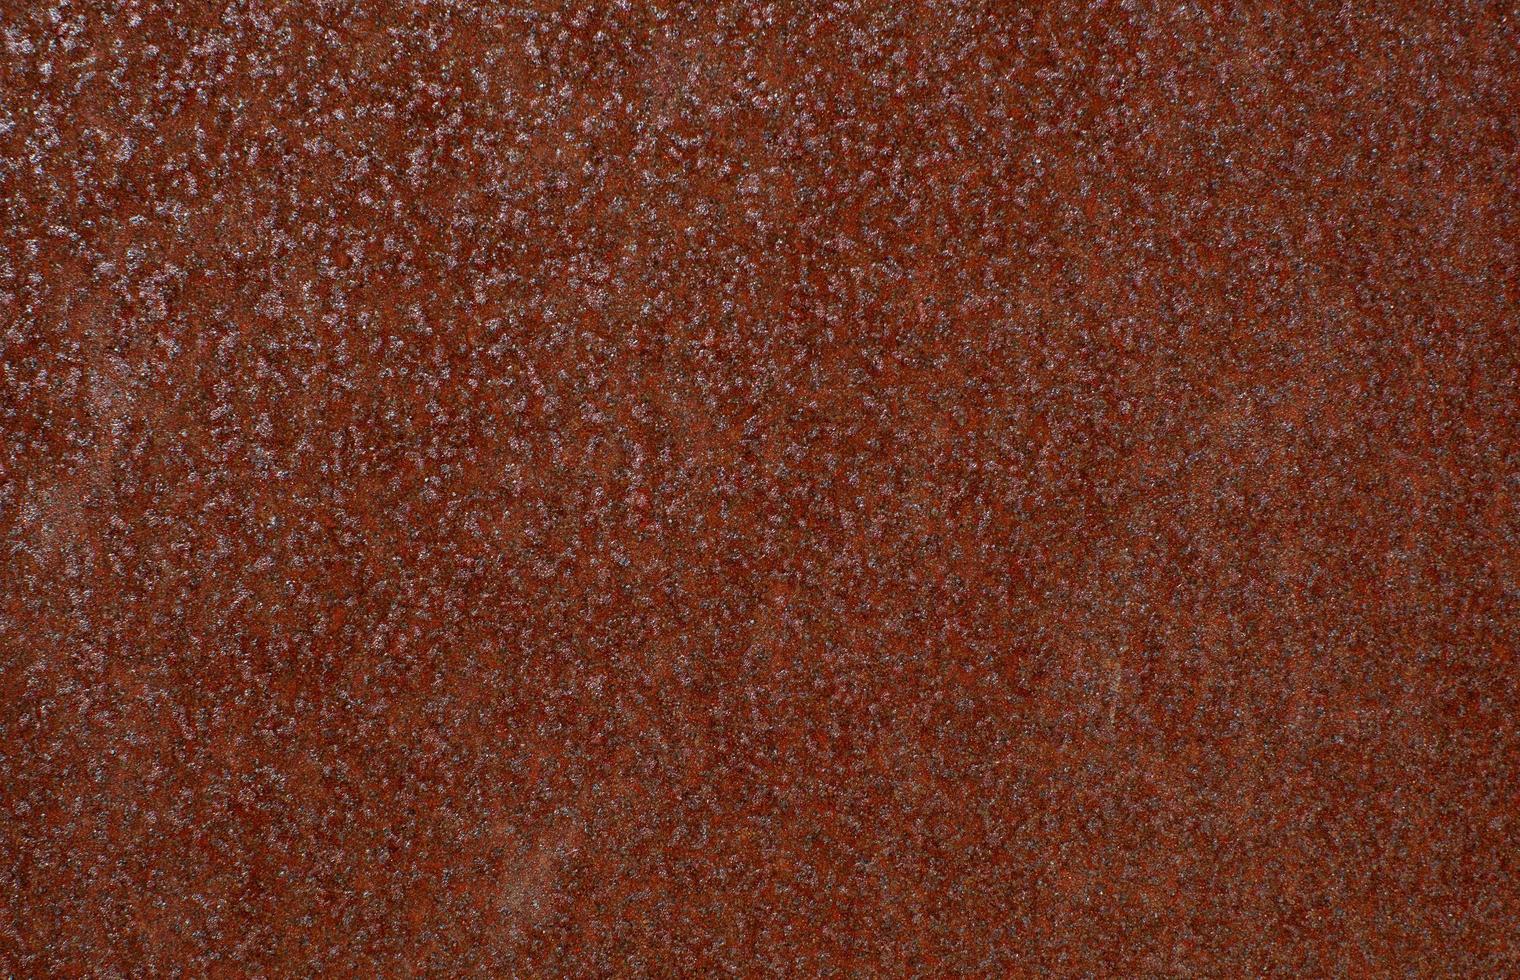 textura de acero óxido rojo foto